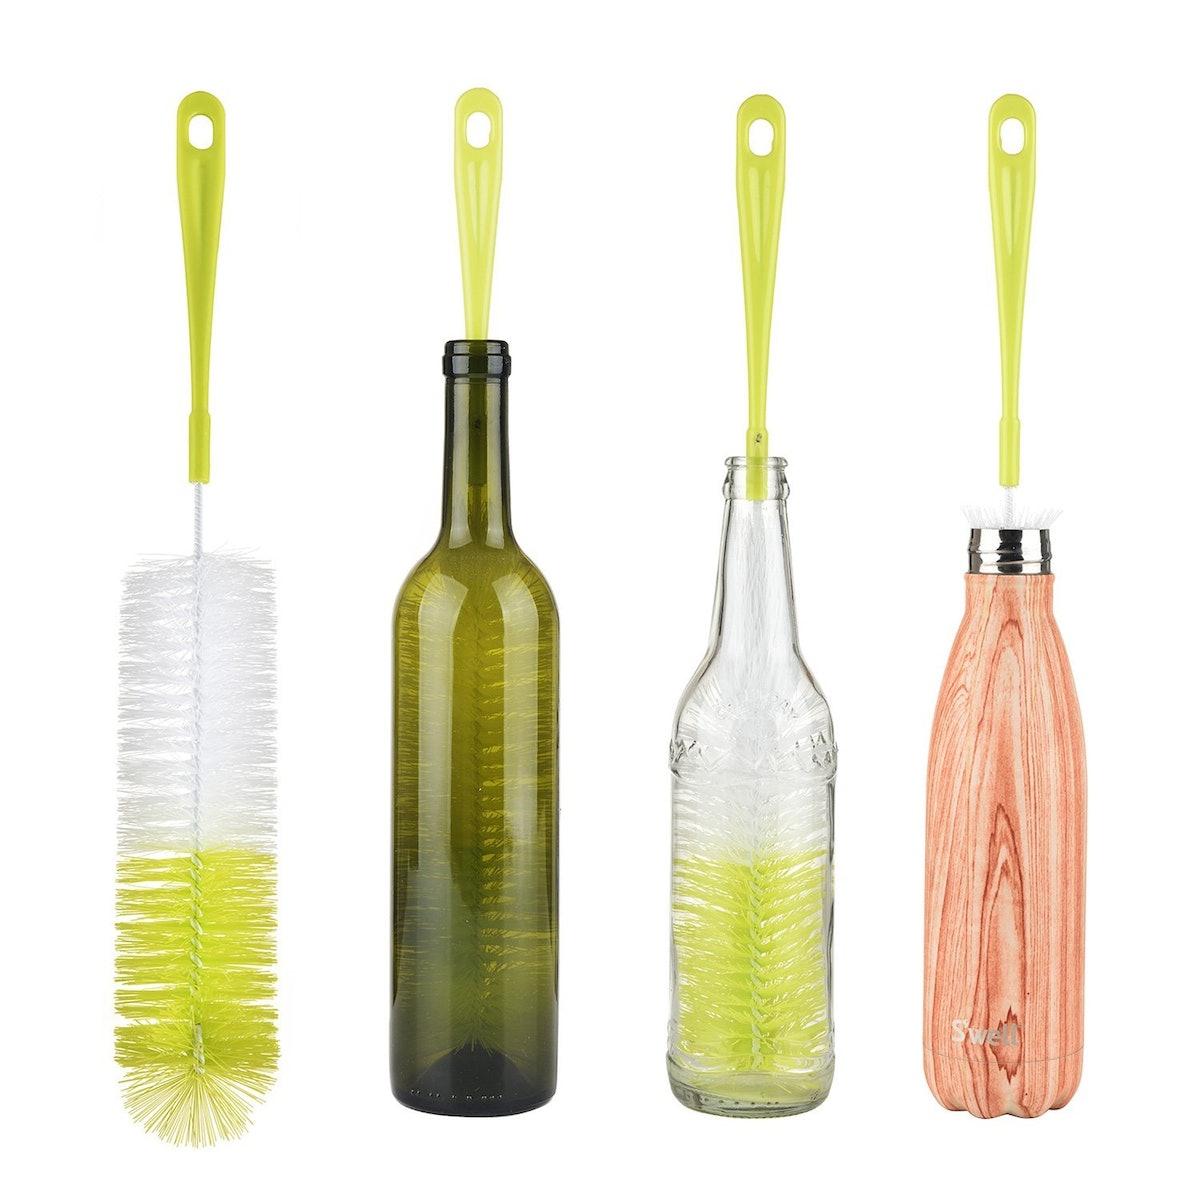 ALINK Long Bottle Brush Cleaner